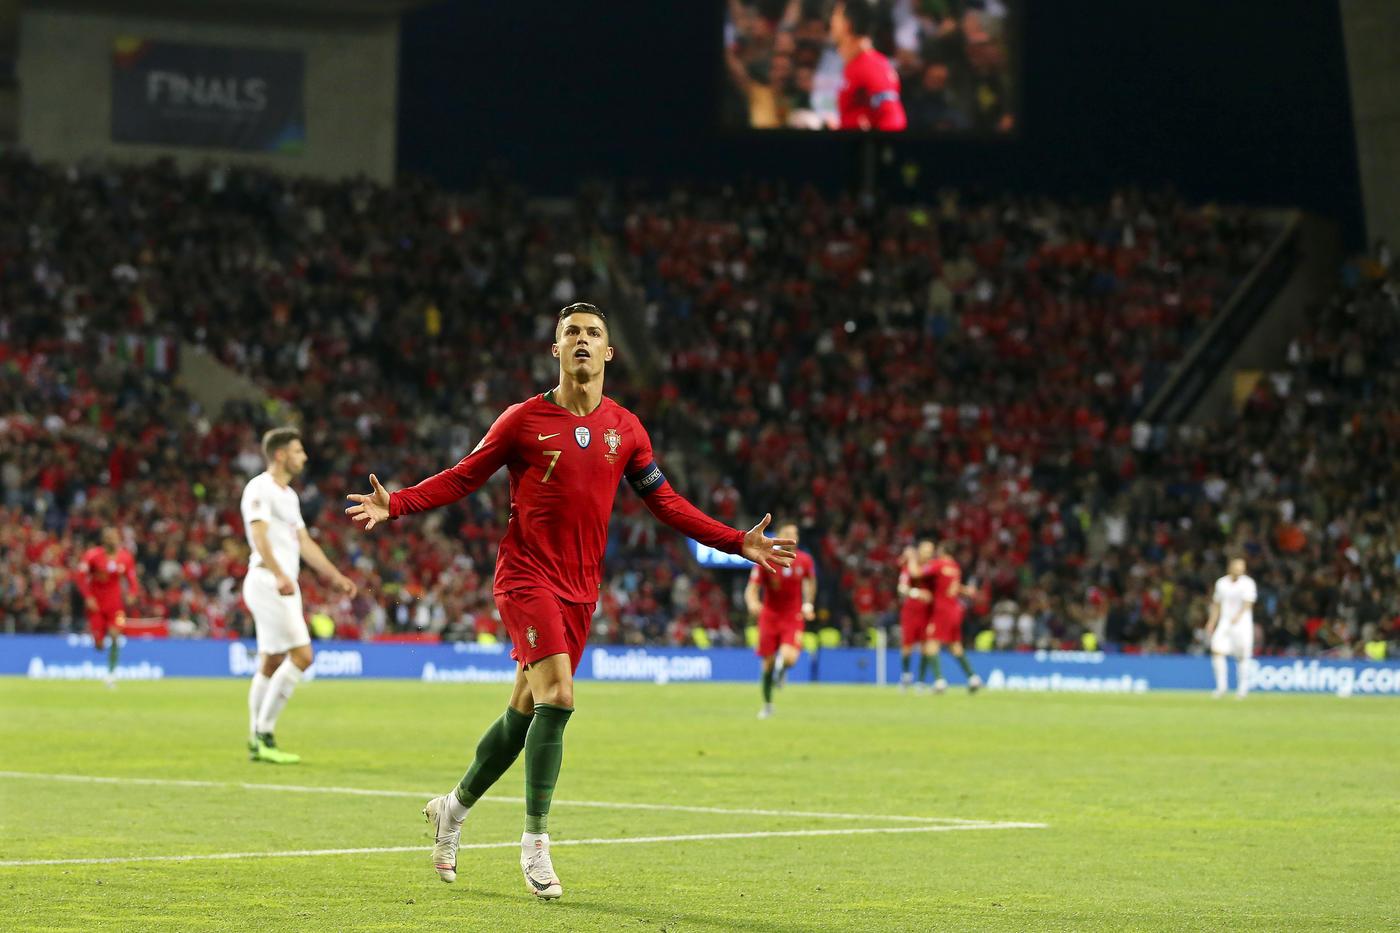 Португалия играла хуже Швейцарии. Но Роналду опять доказал, что он великий снайпер - фото